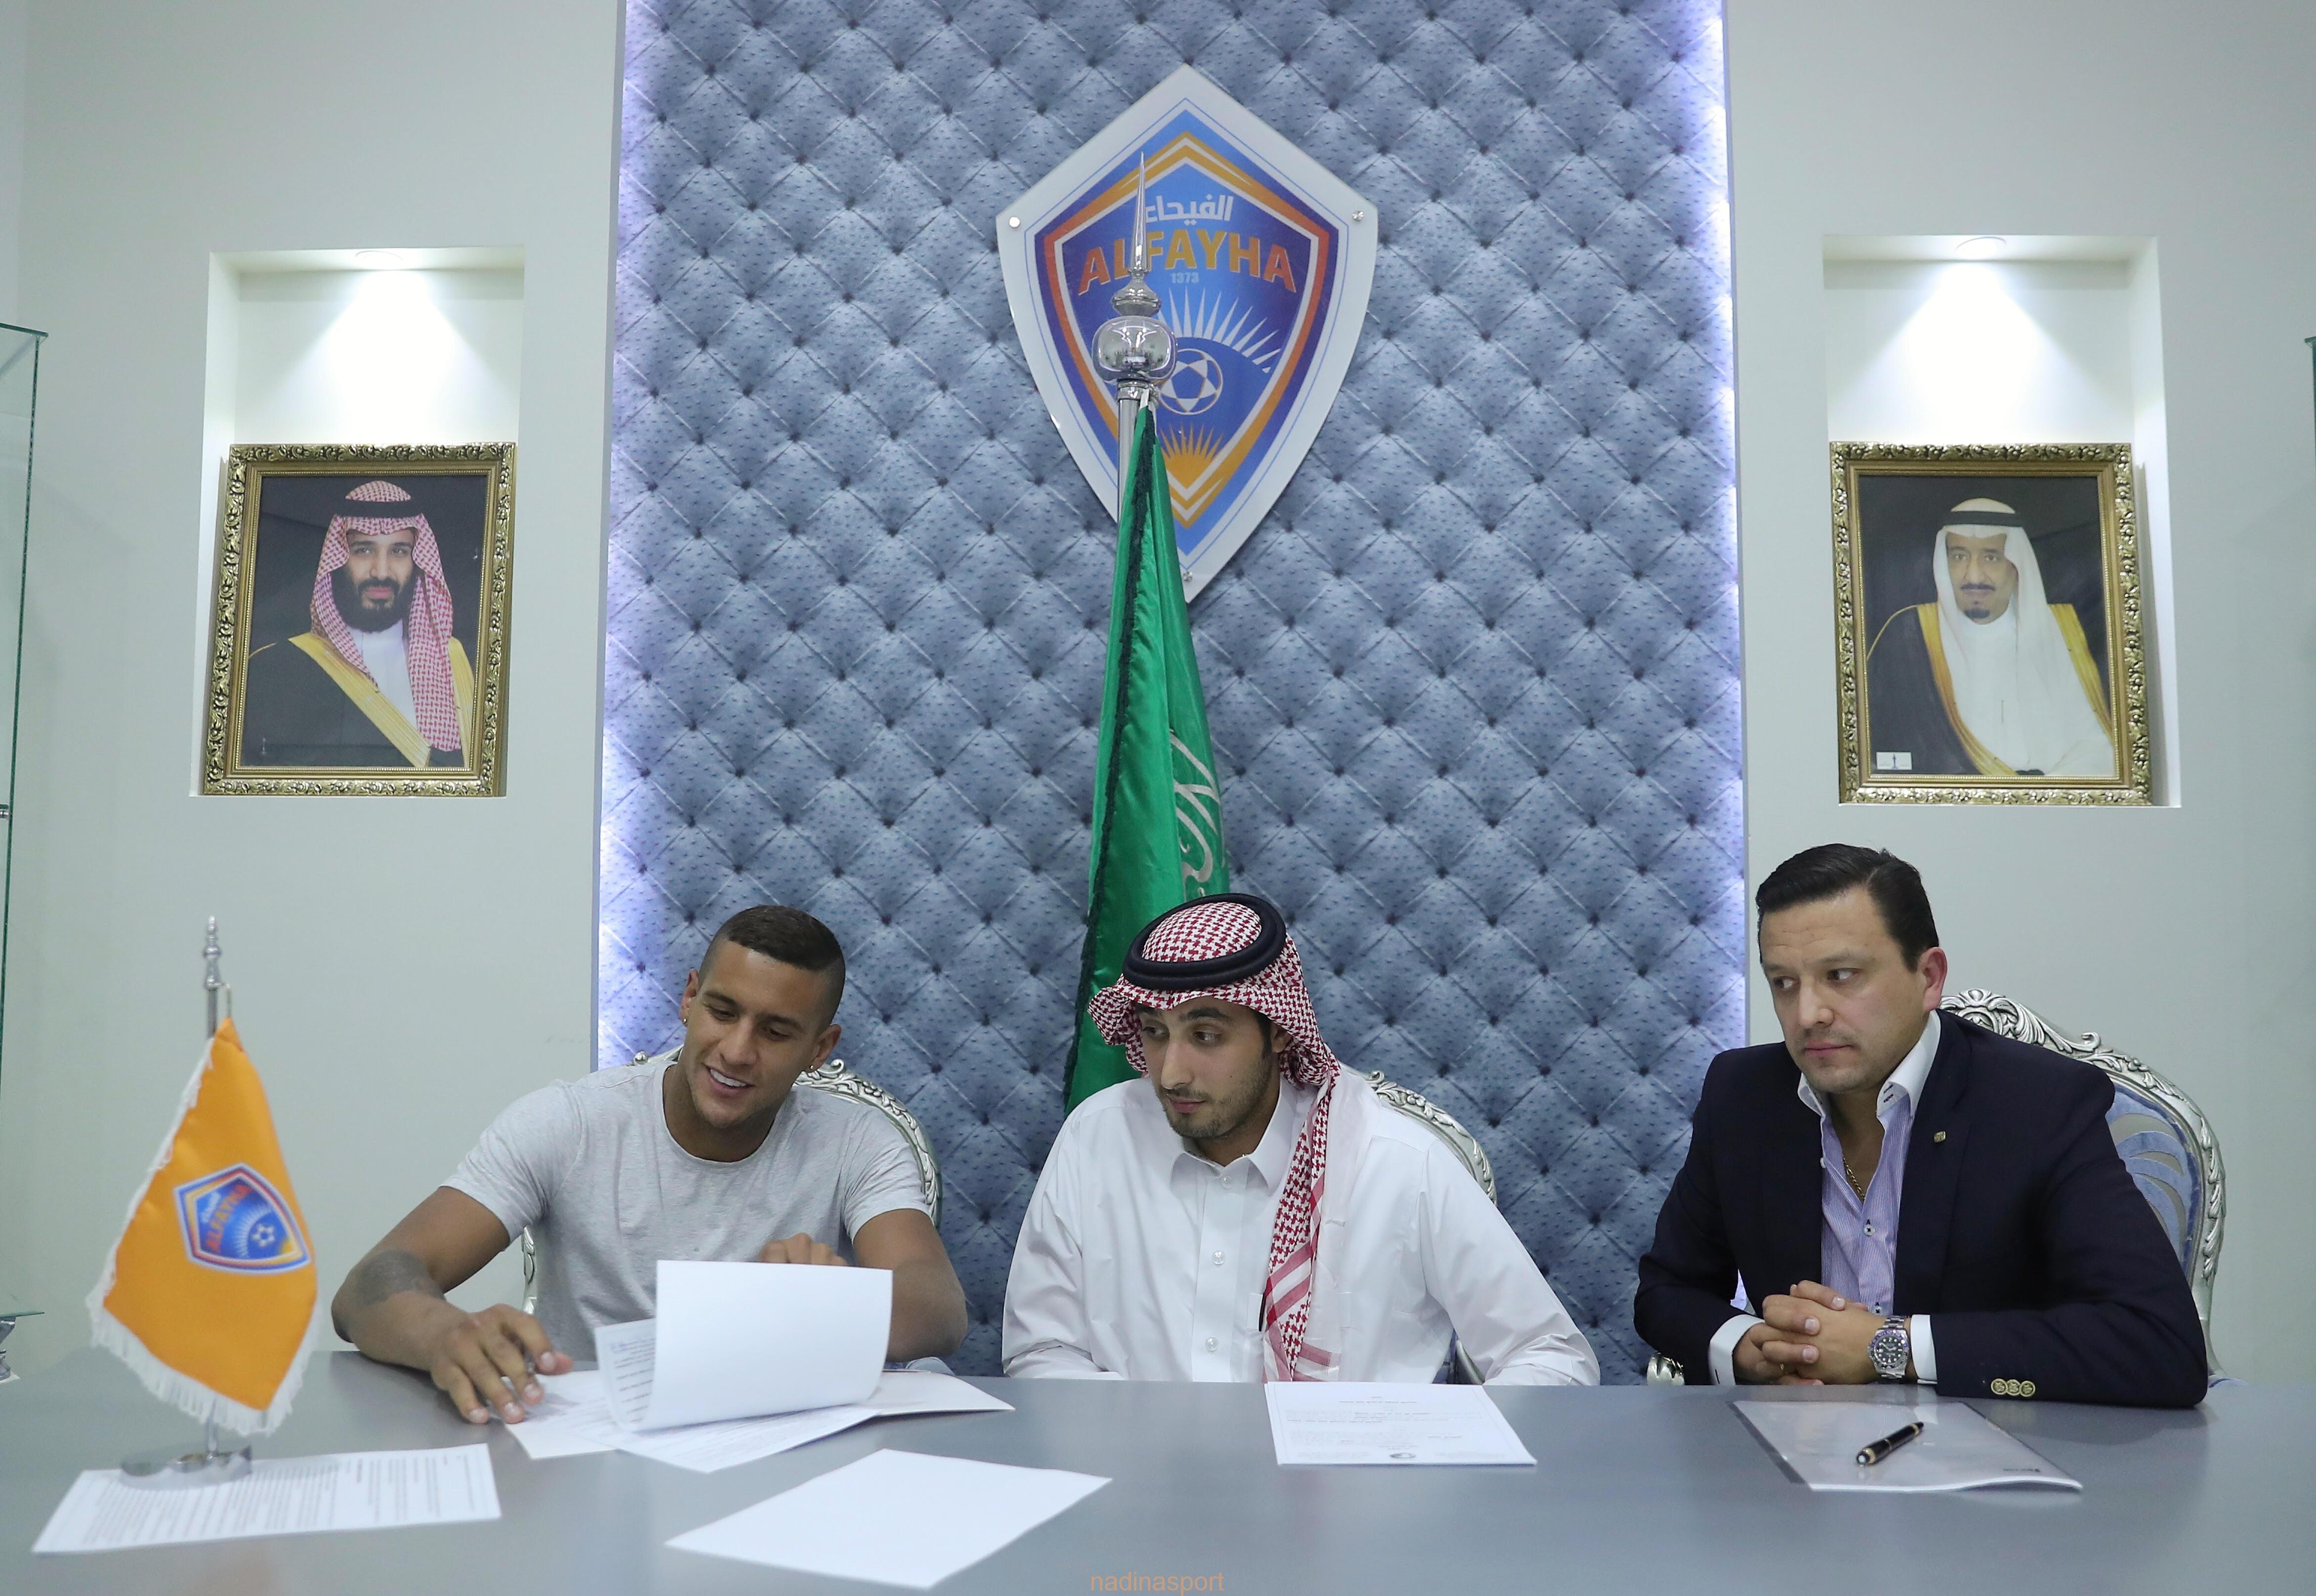 رسمياً وبدعم من معالي رئيس الهيئة العامة للرياضة الفيحاء يوقع مع بونيا